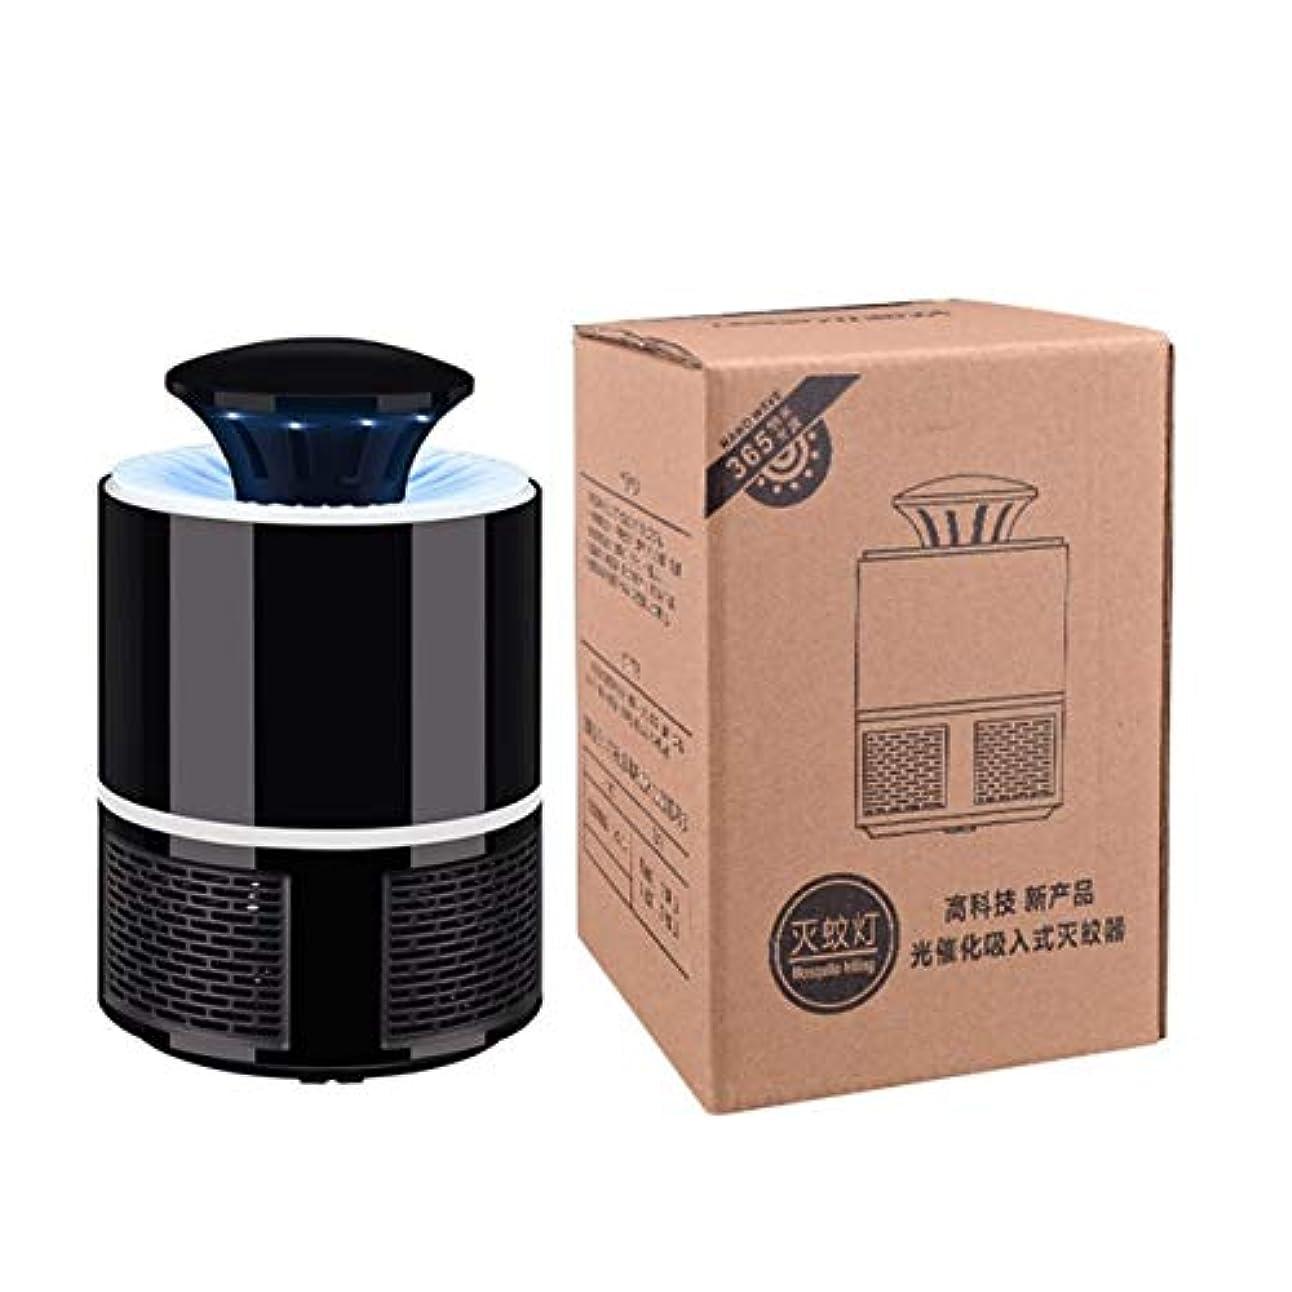 ランプドームかもめSaikogoods 吸引ファンを備えた電子モスキートキラー 光触媒の光 バグ昆虫キャッチャー USB電源 非放射線モスキートトラップ 黒